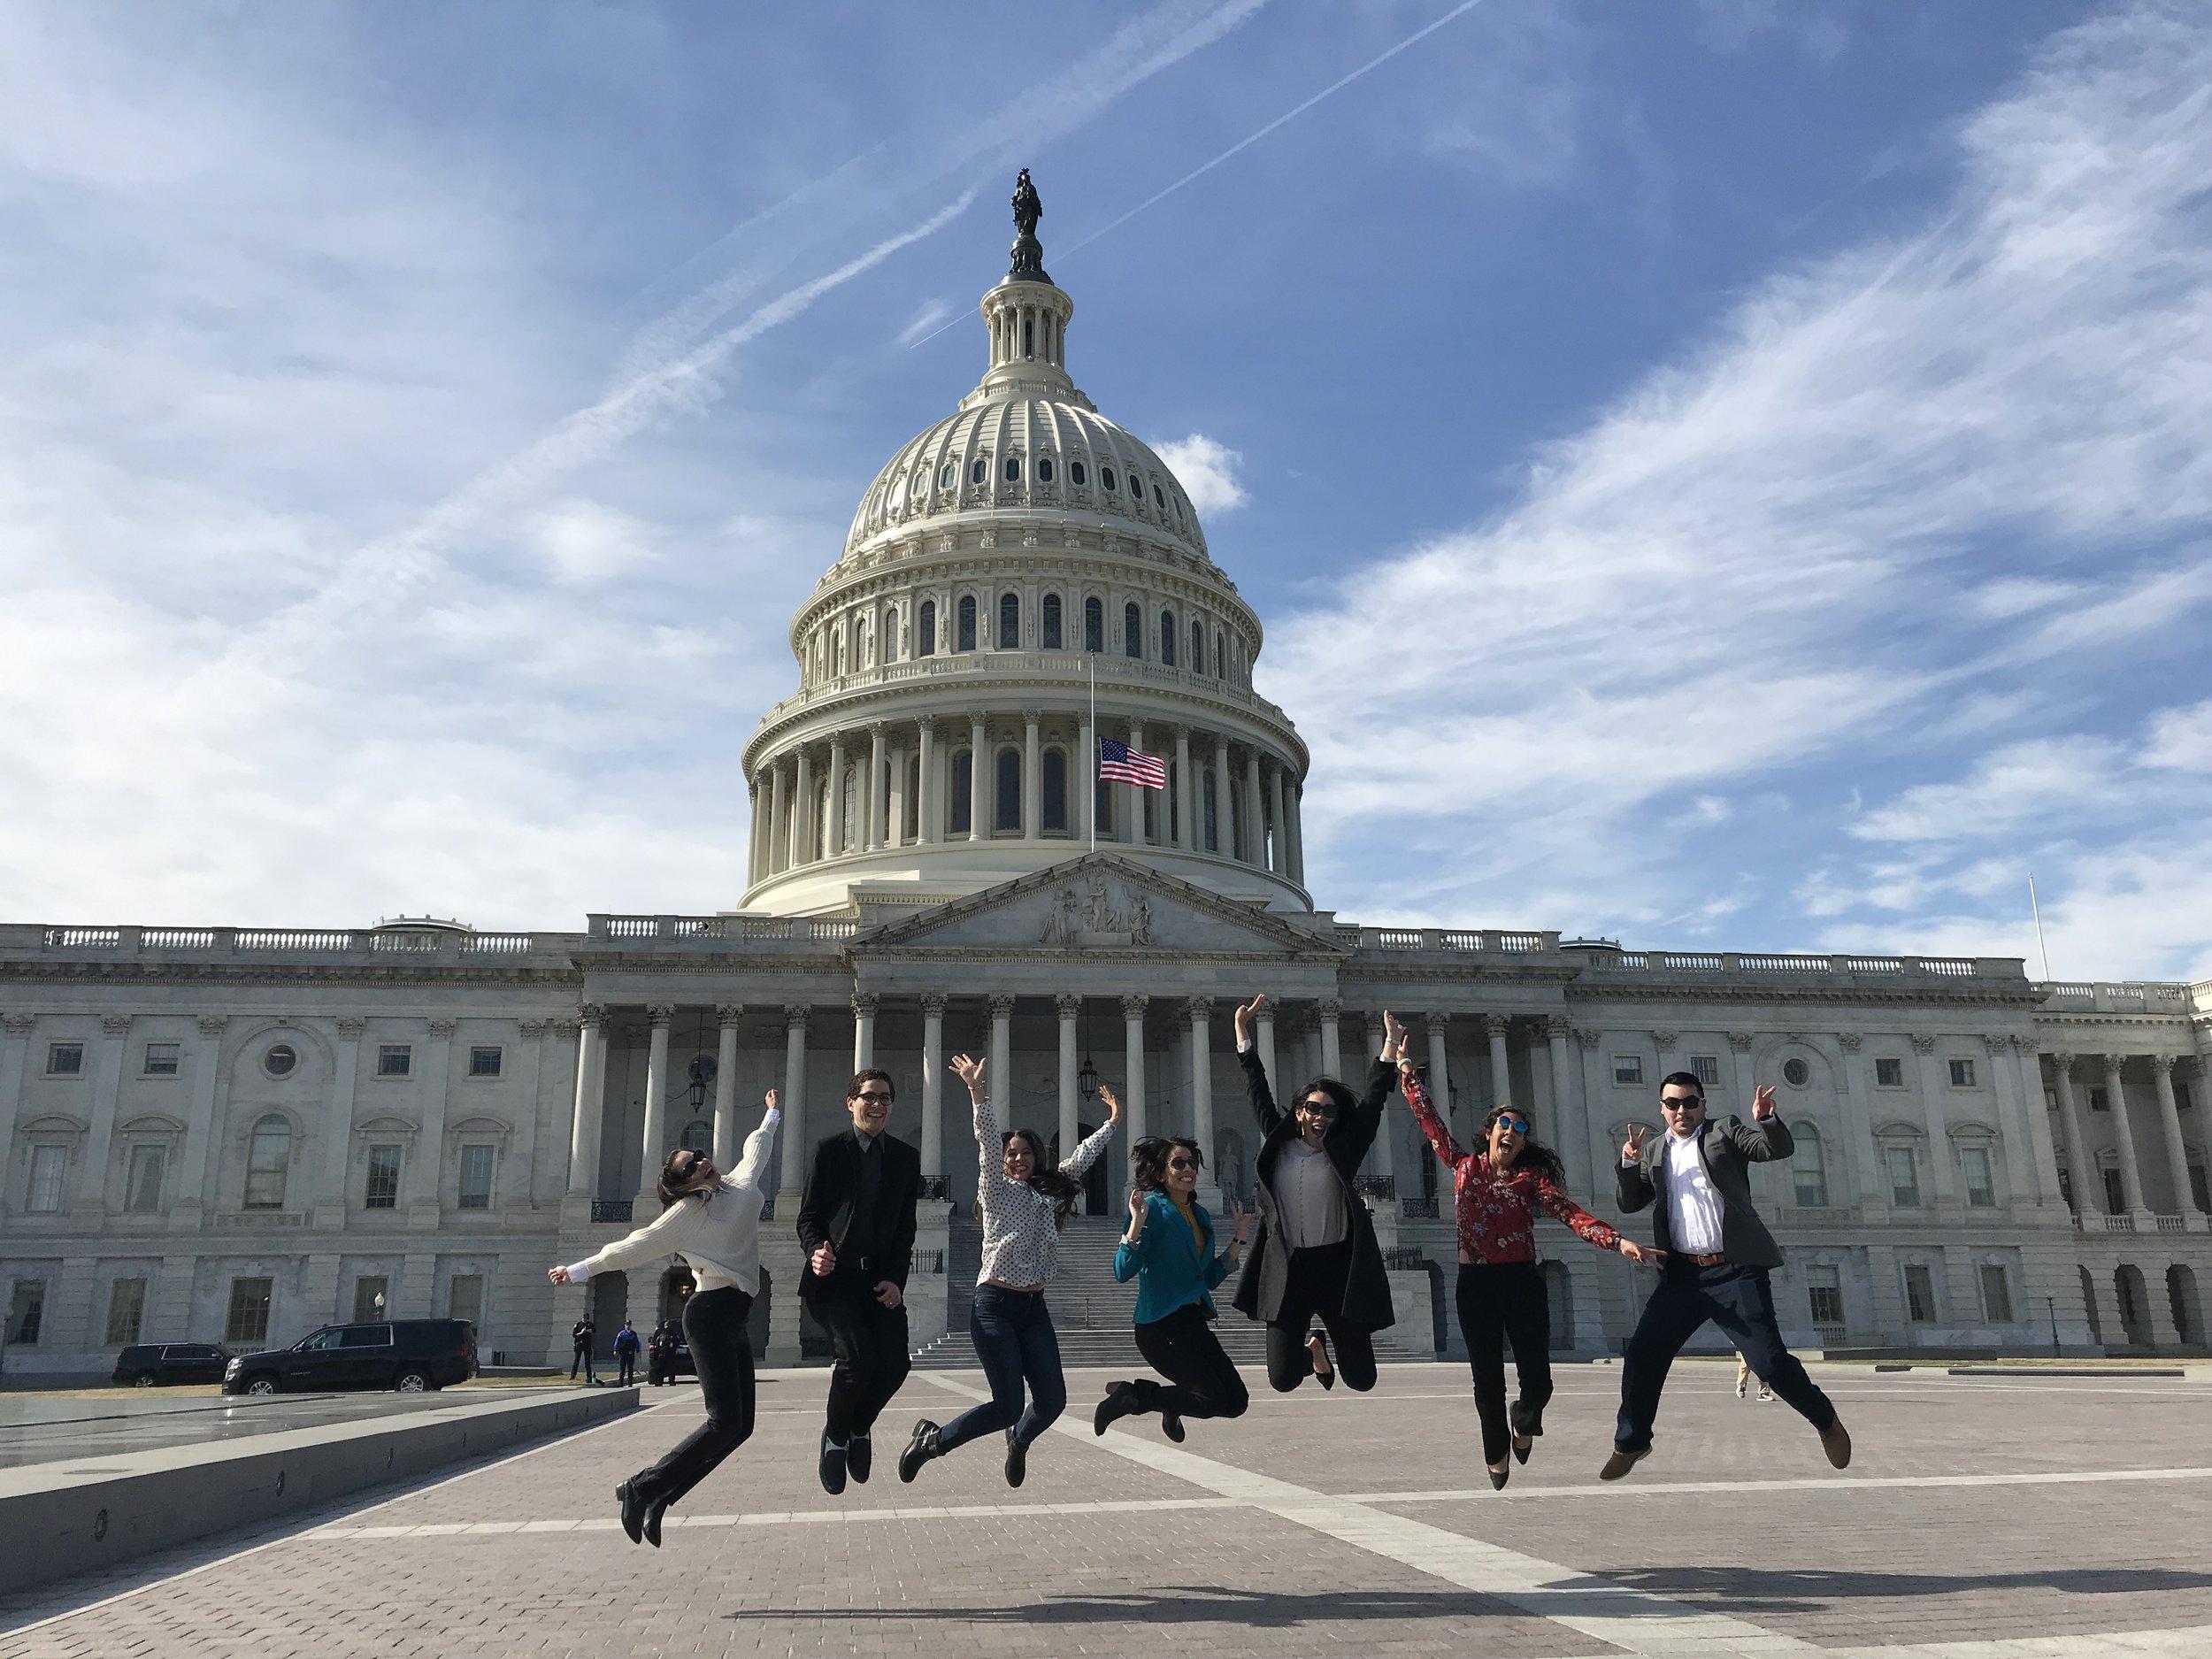 Científicos/as boricuas en las afueras del Congreso de Estados Unidos.